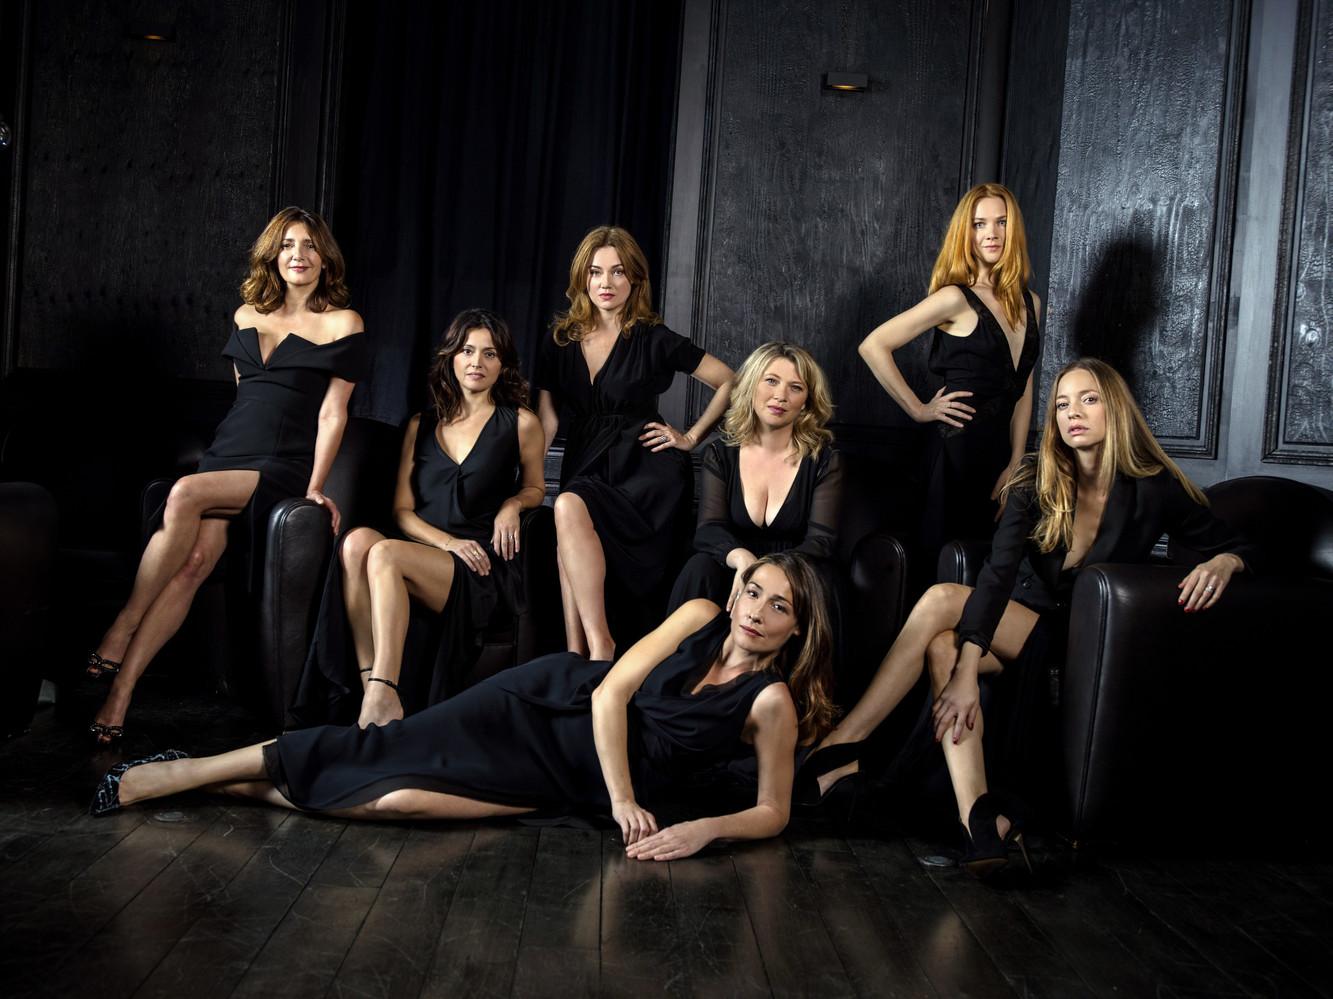 Valérie Karsenti, Anne Charrier, Marine Delterme, Annelise Hesme (allongée), Cécile Bois, Odile Vuillemin, Elodie Frenck, Paris, 2016